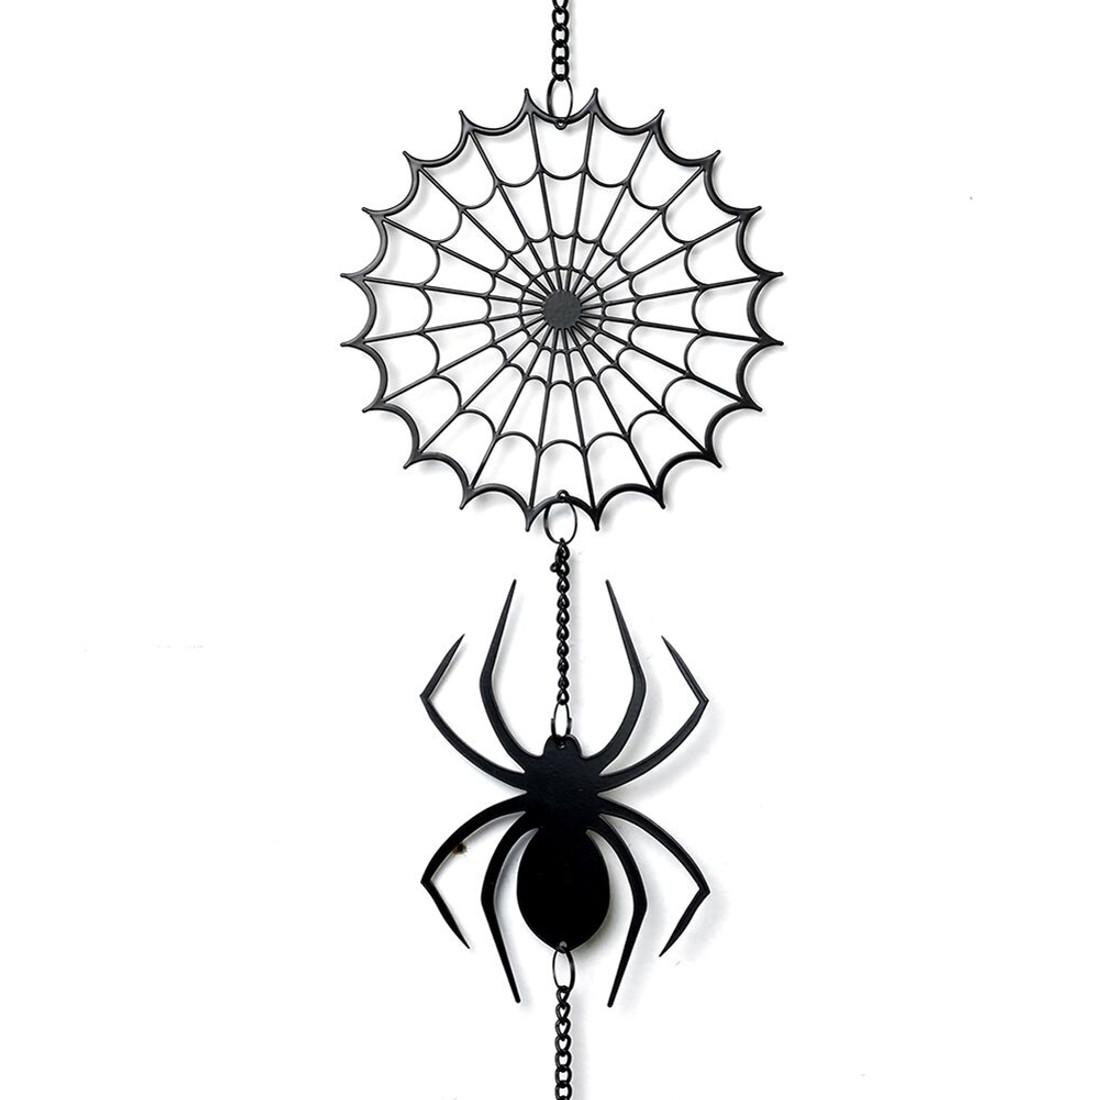 HD10 - Spider Wind Spiral spider